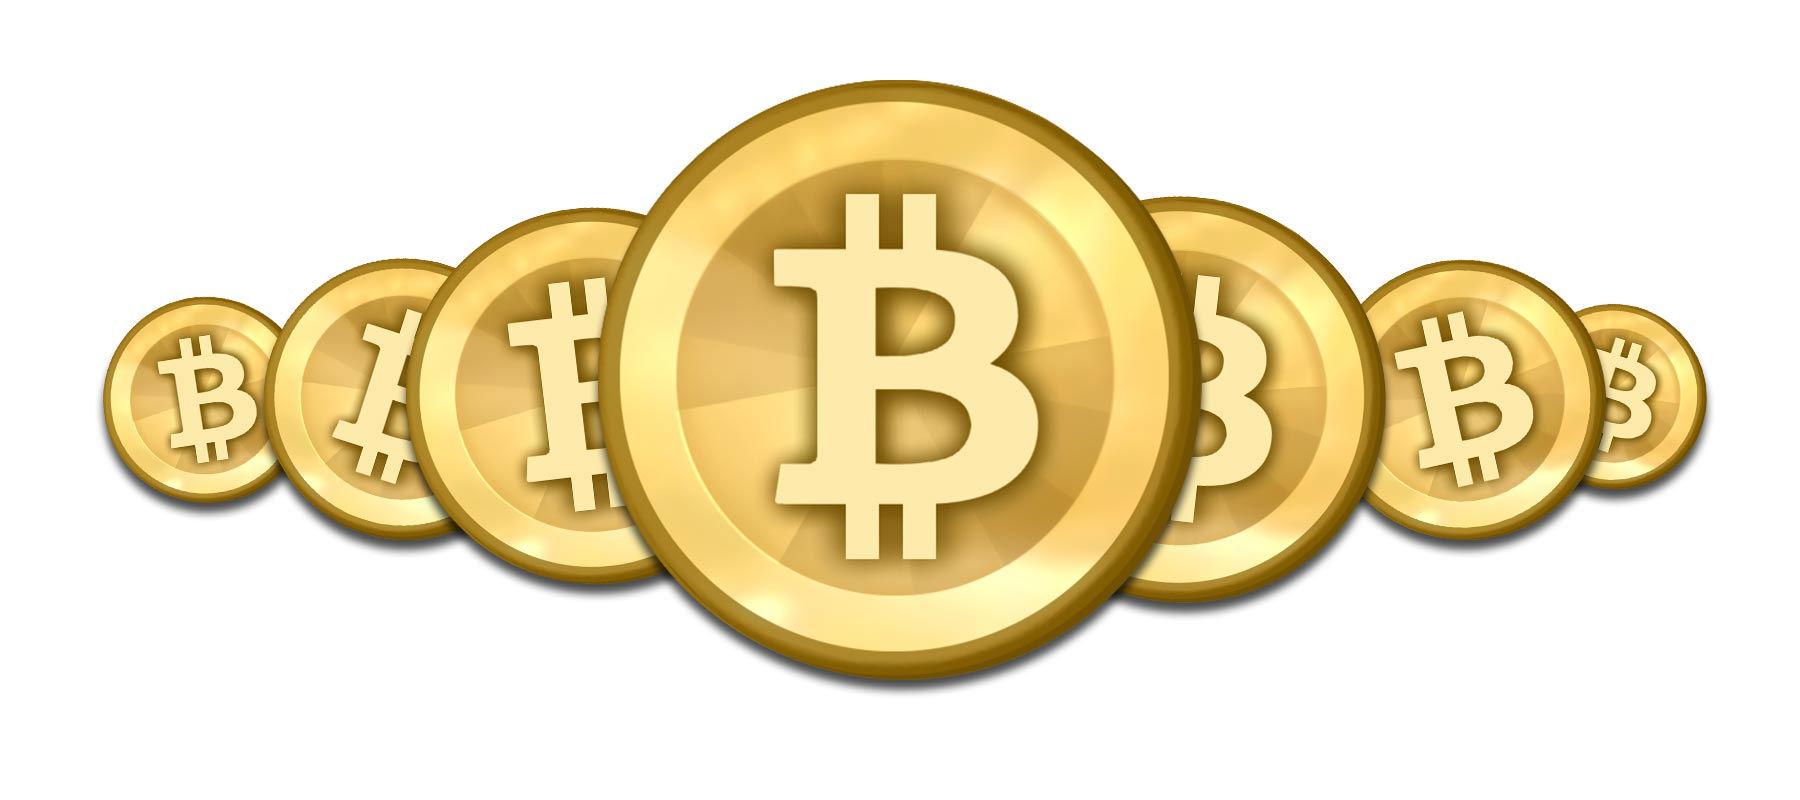 Moedas Bitcoin Png Com Fundo Transparente Para Baixar Gratis